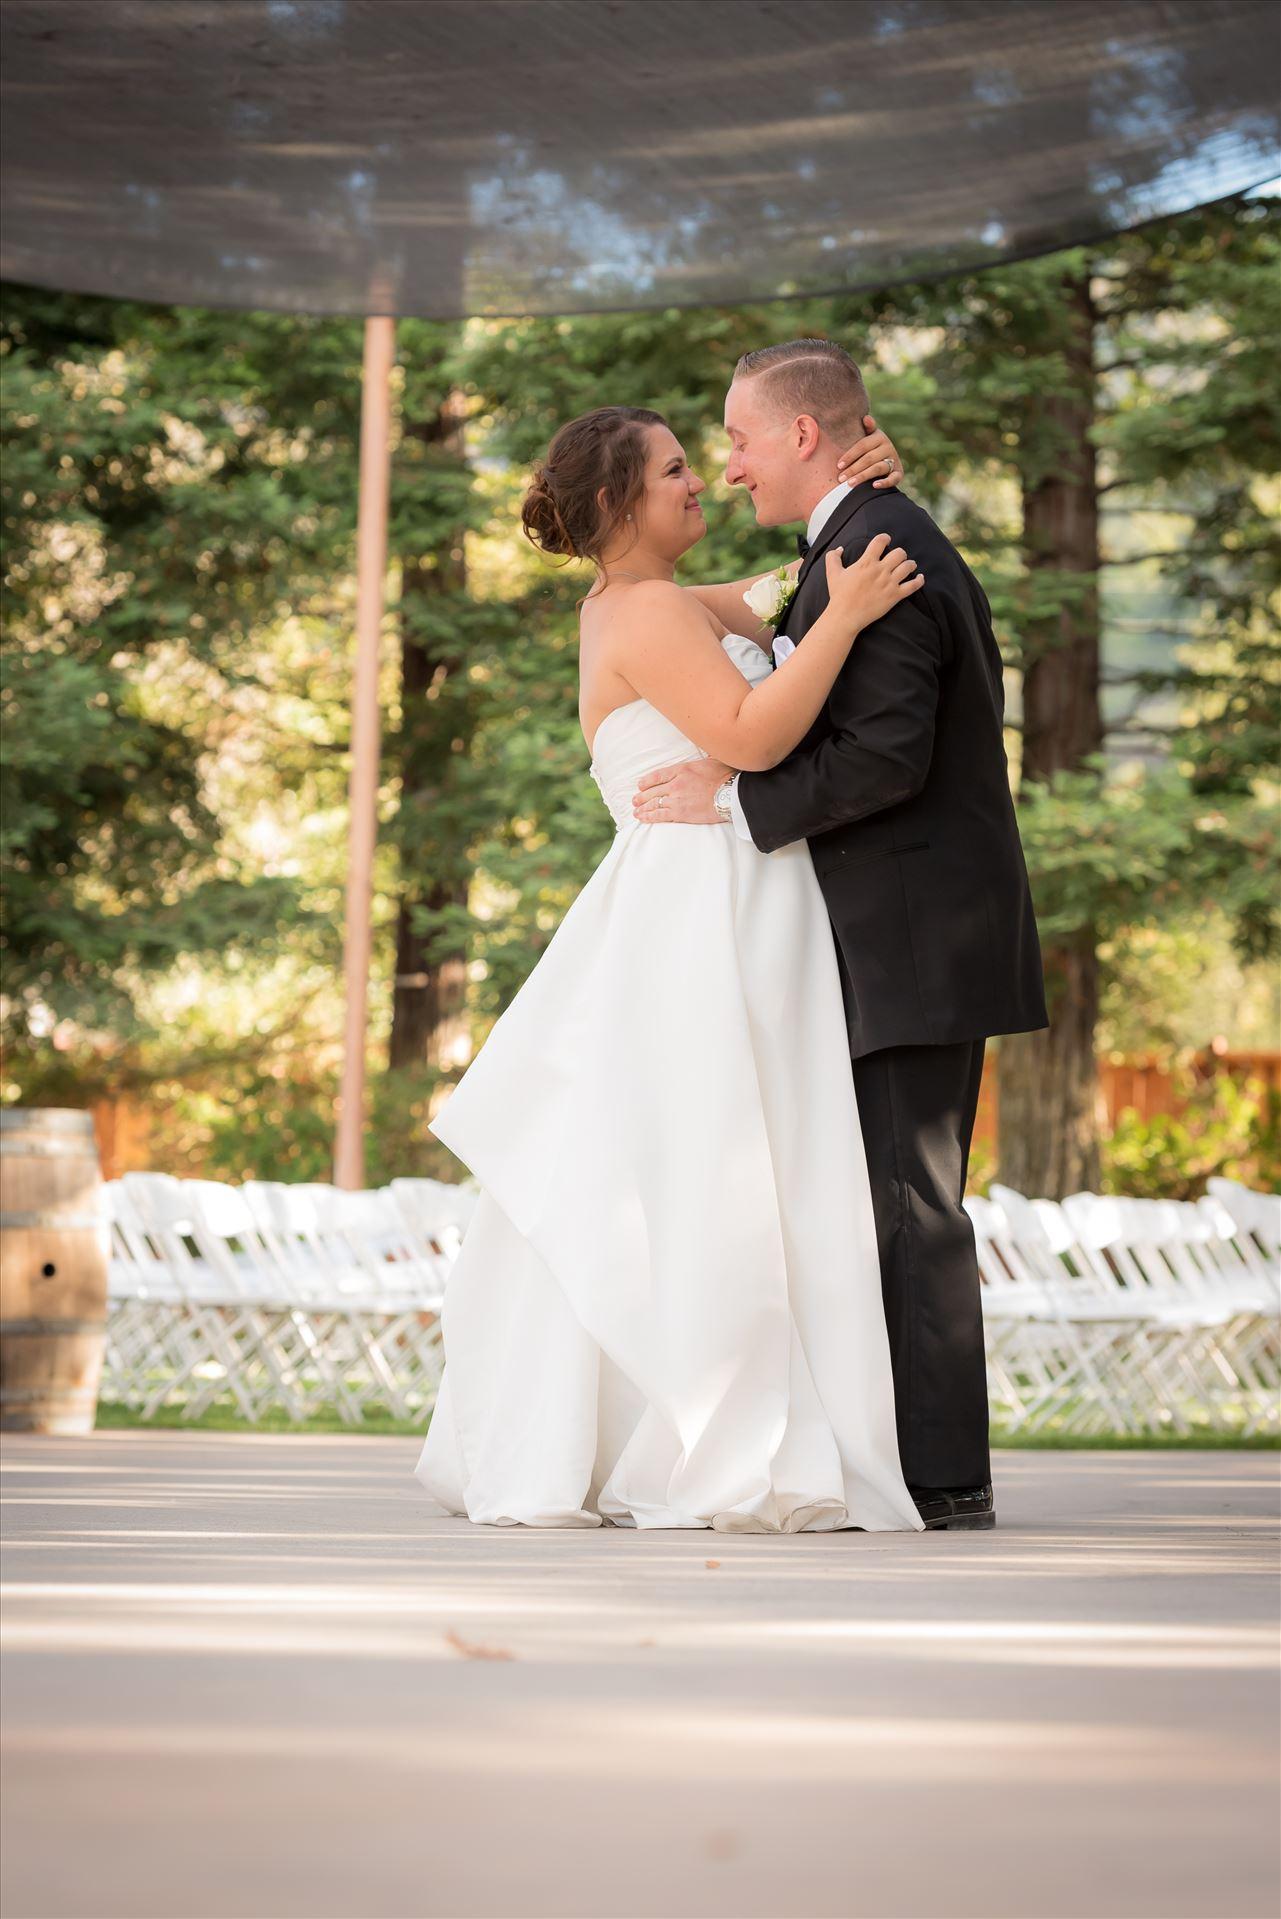 Gilroy Wedding Photography 04Mirror's Edge Photography provides wedding and engagement photography for San Luis Obispo, Arroyo Grande, Pismo Beach, Avila Beach, Morro Bay and surrounding Central Coast locations